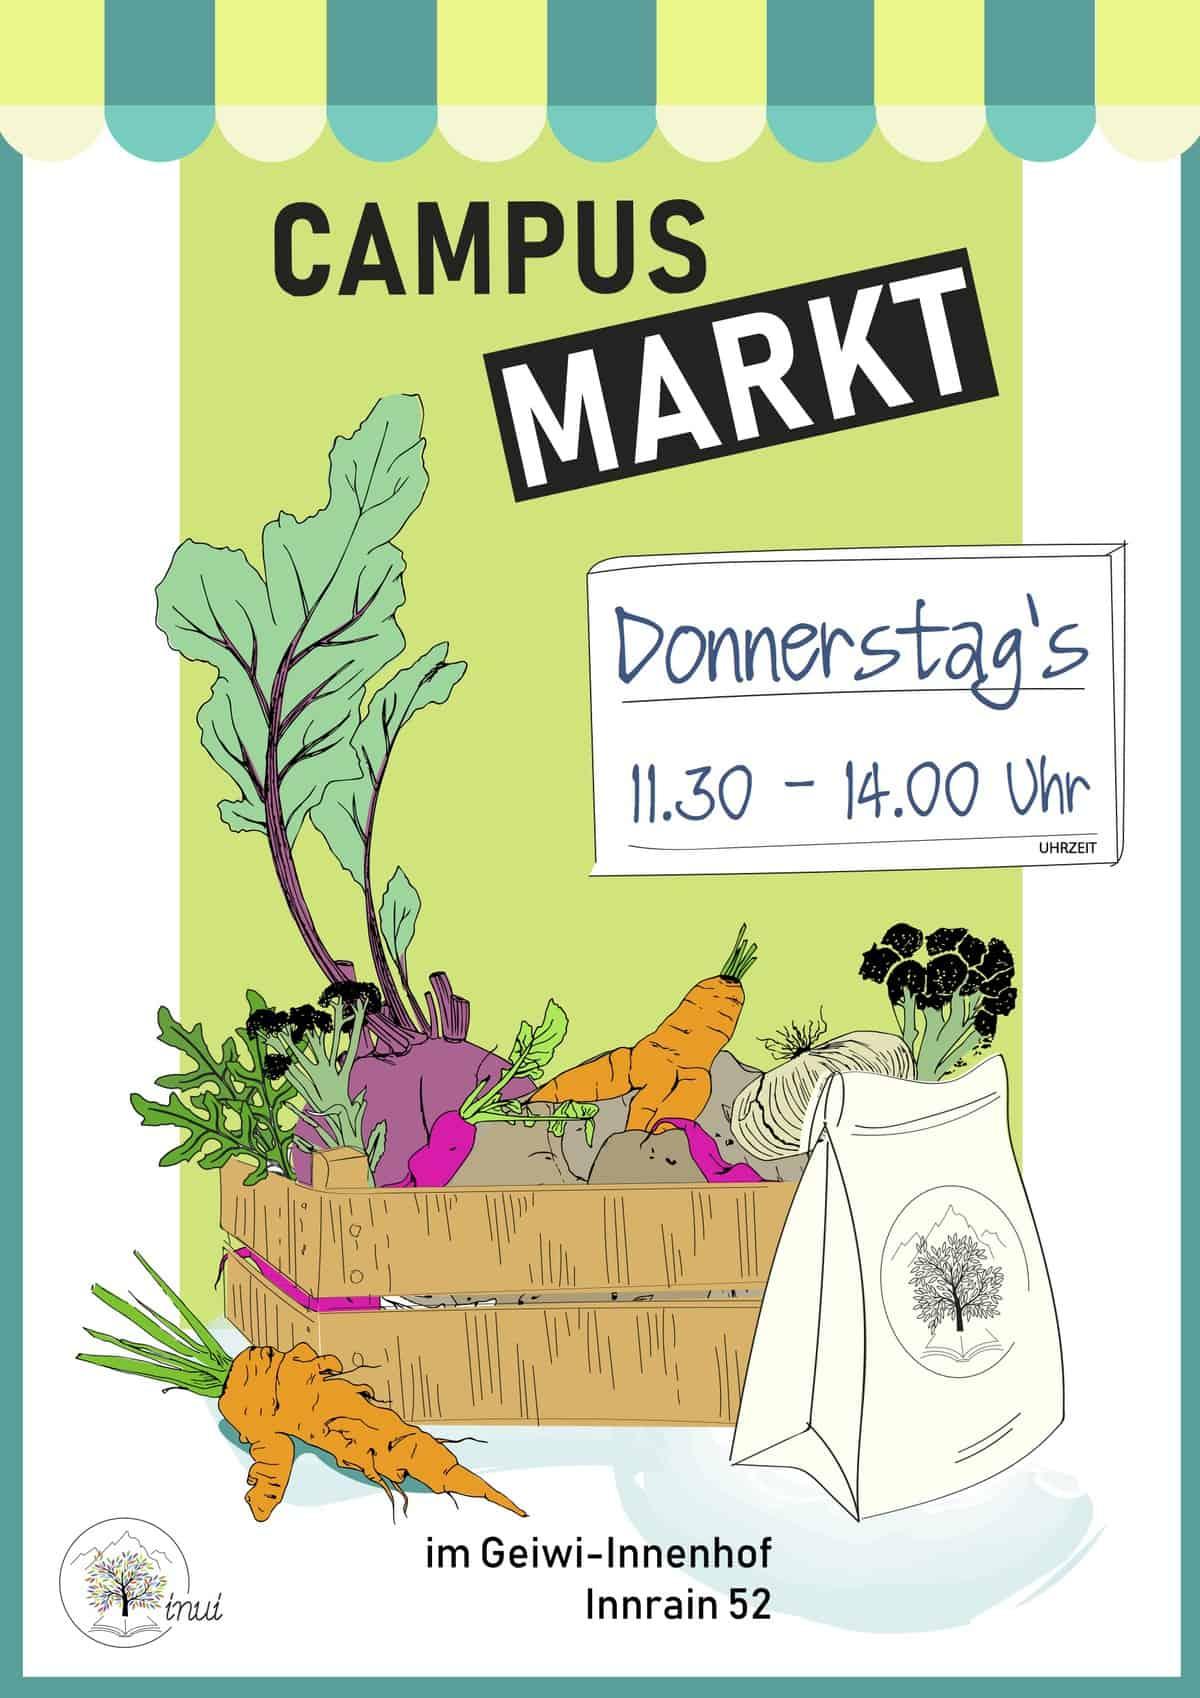 Campus-Markt von INUI jeden Donnerstag an der Haupt-Uni Innsbruck 32